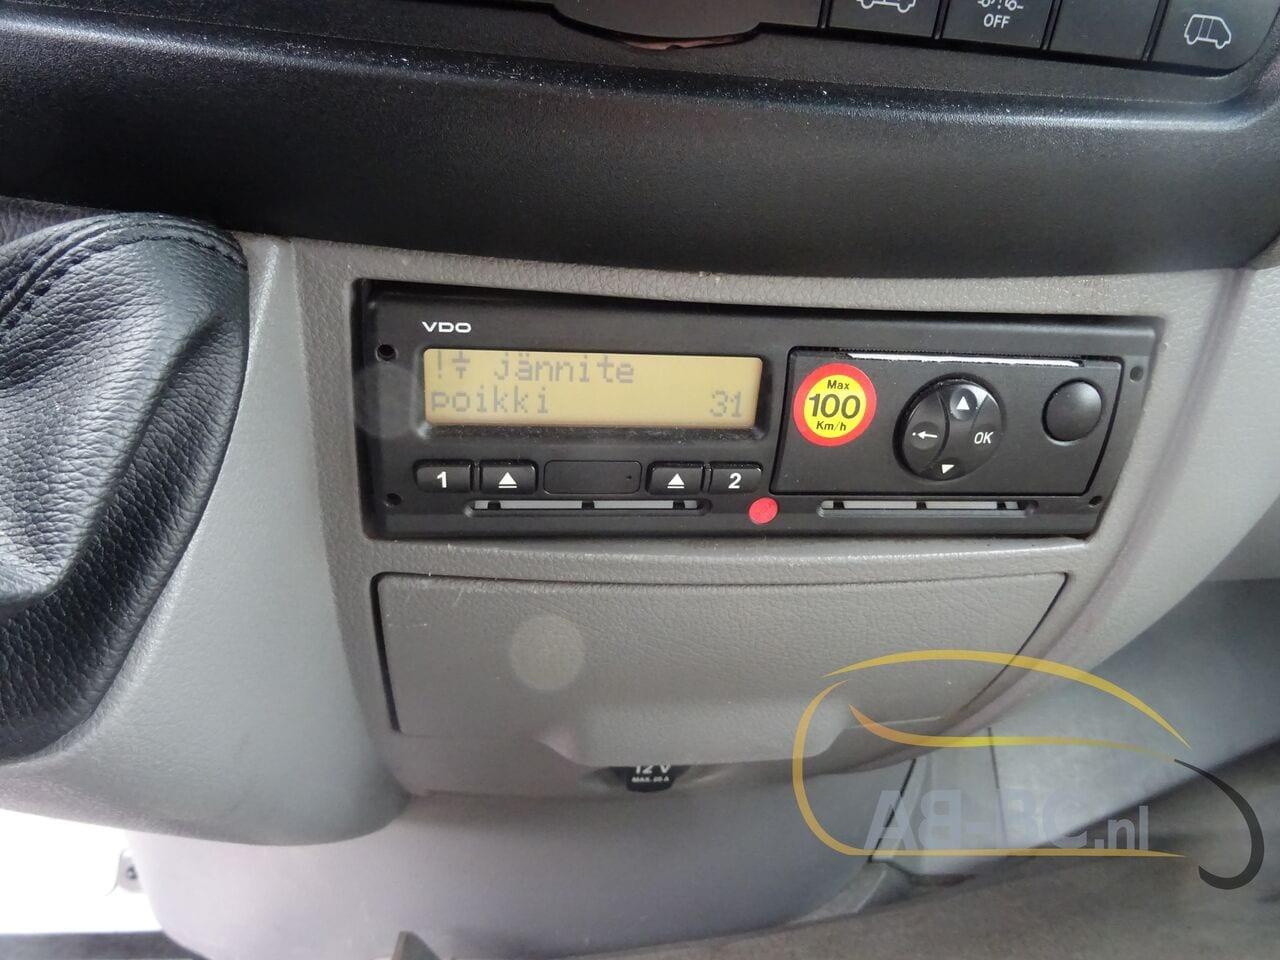 coach-busMERCEDES-BENZ-516-CDI-Sprinter-Transfer-45-23-Seats-EURO-6---1625235000948774098_big_c6d7868d1ae3fd2cae550ef1f37b0a45--21060112394245379500